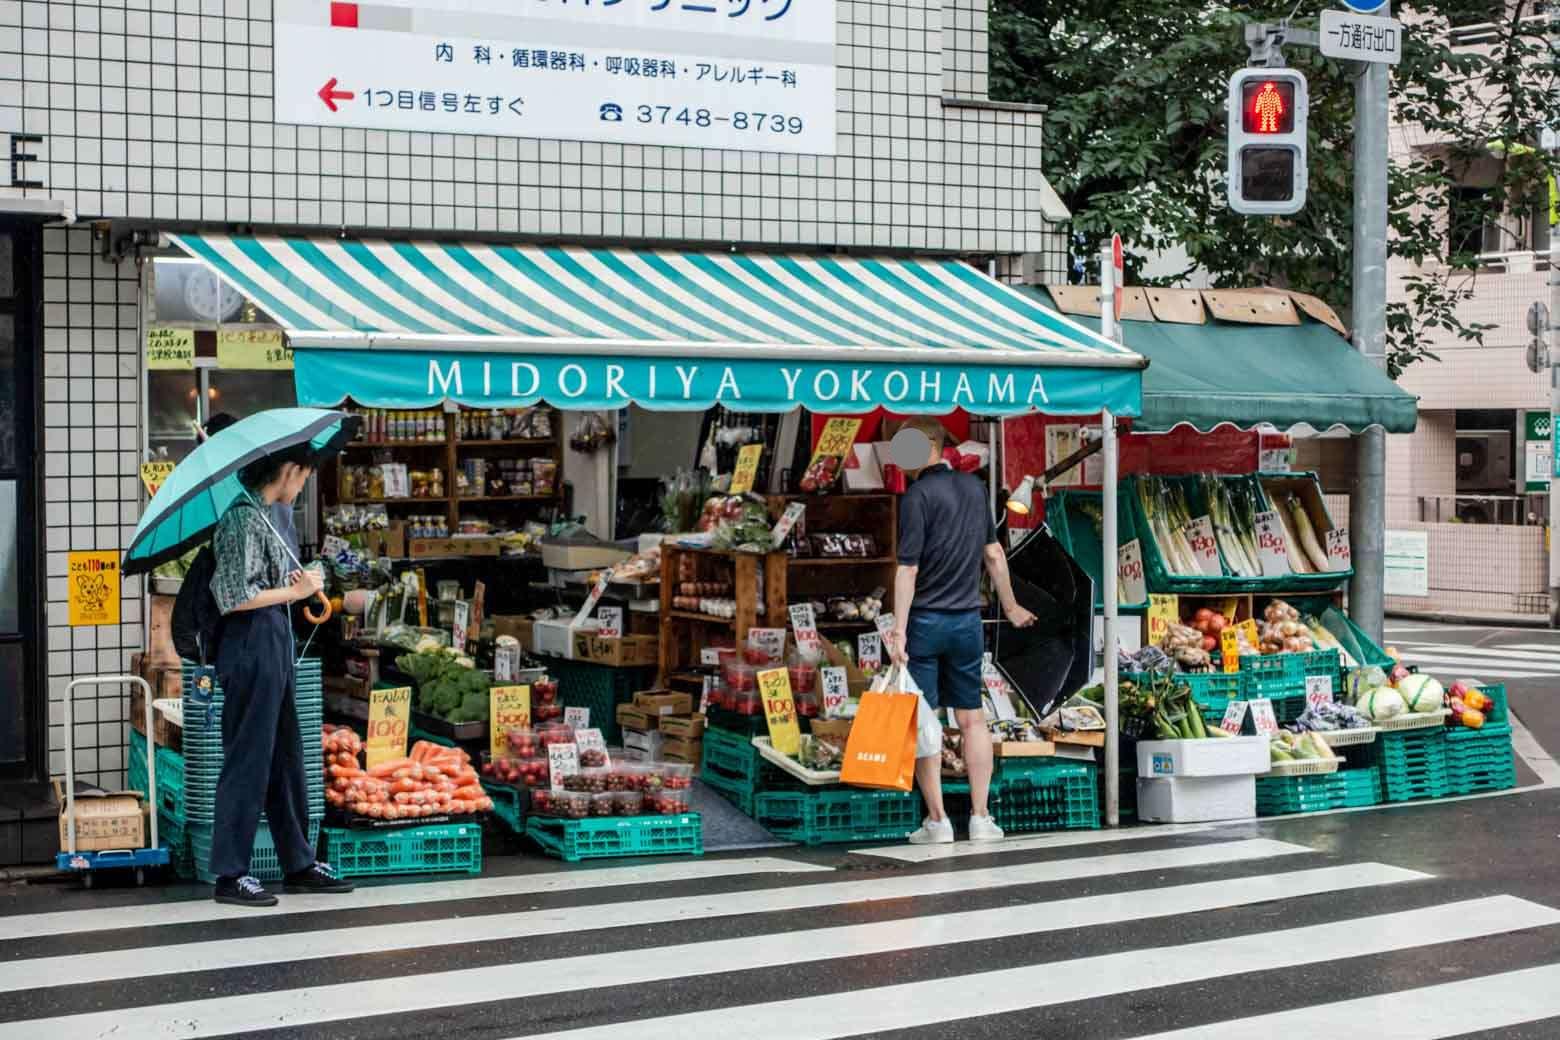 いい感じの青果店を発見。ひっきりなしにお客さんが訪れていました。